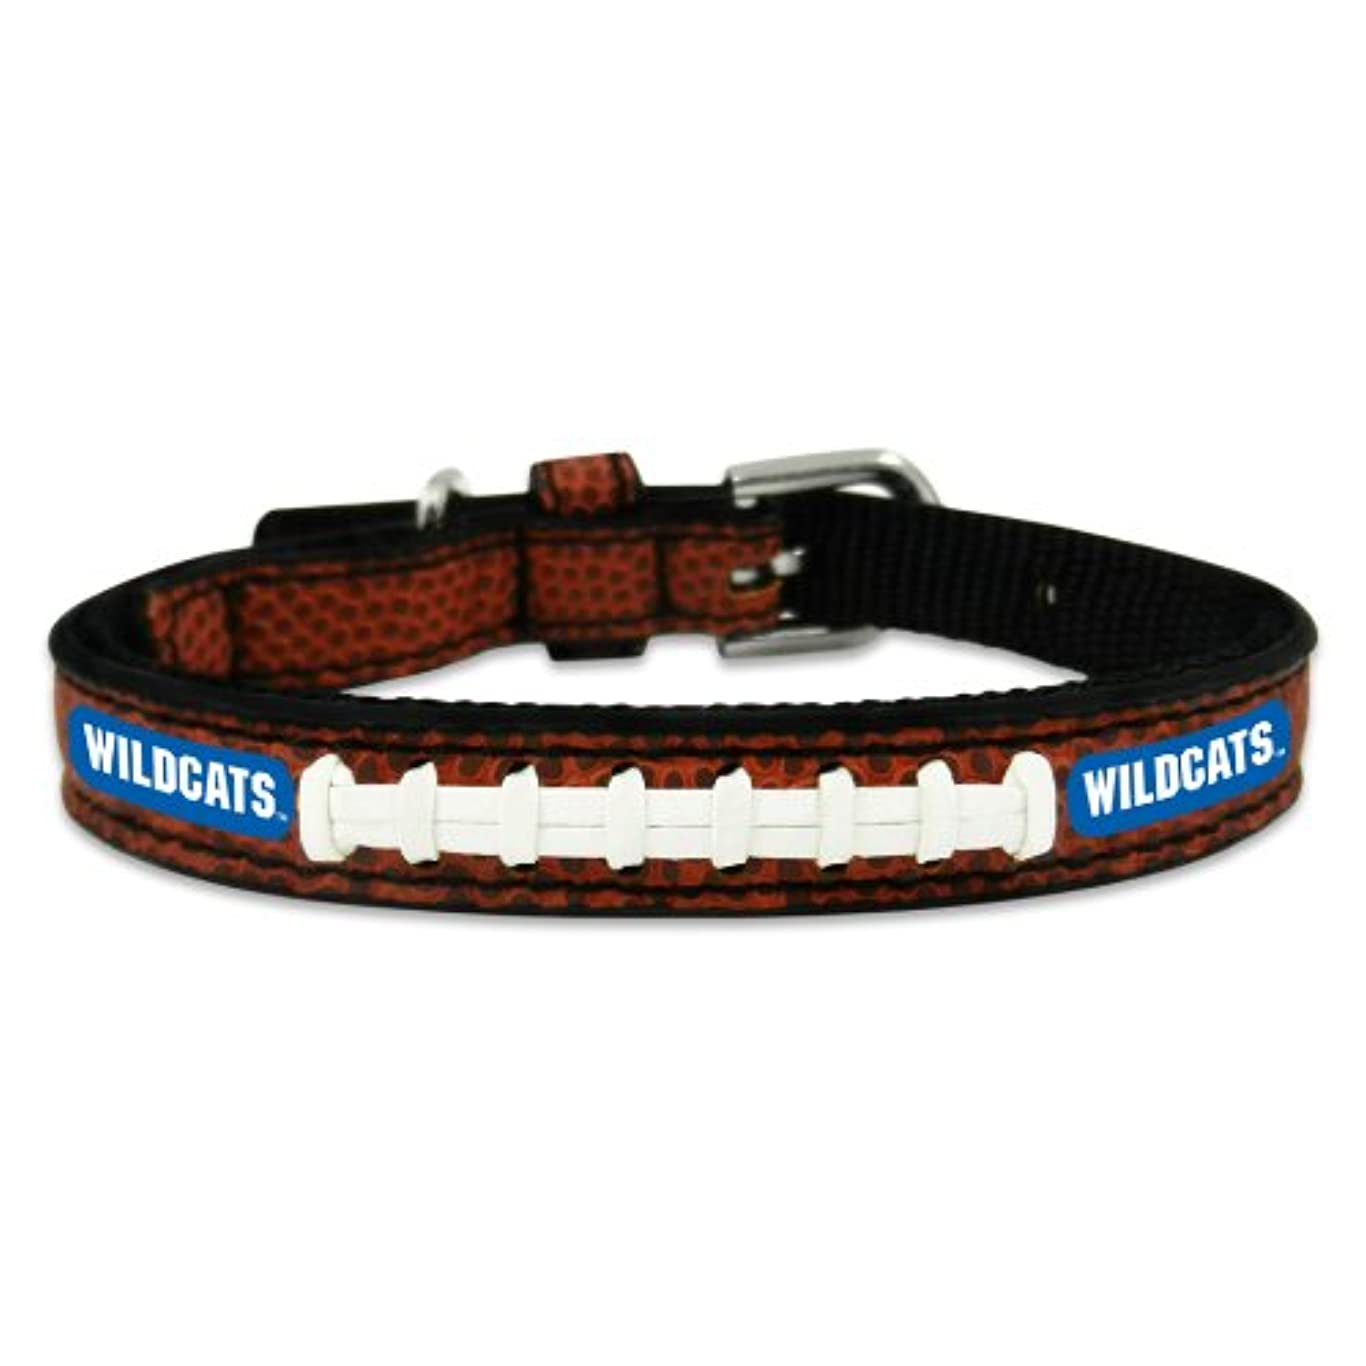 閉じ込めるトランペット宿命Kentucky Wildcats Classic Leather Toy Football Collar